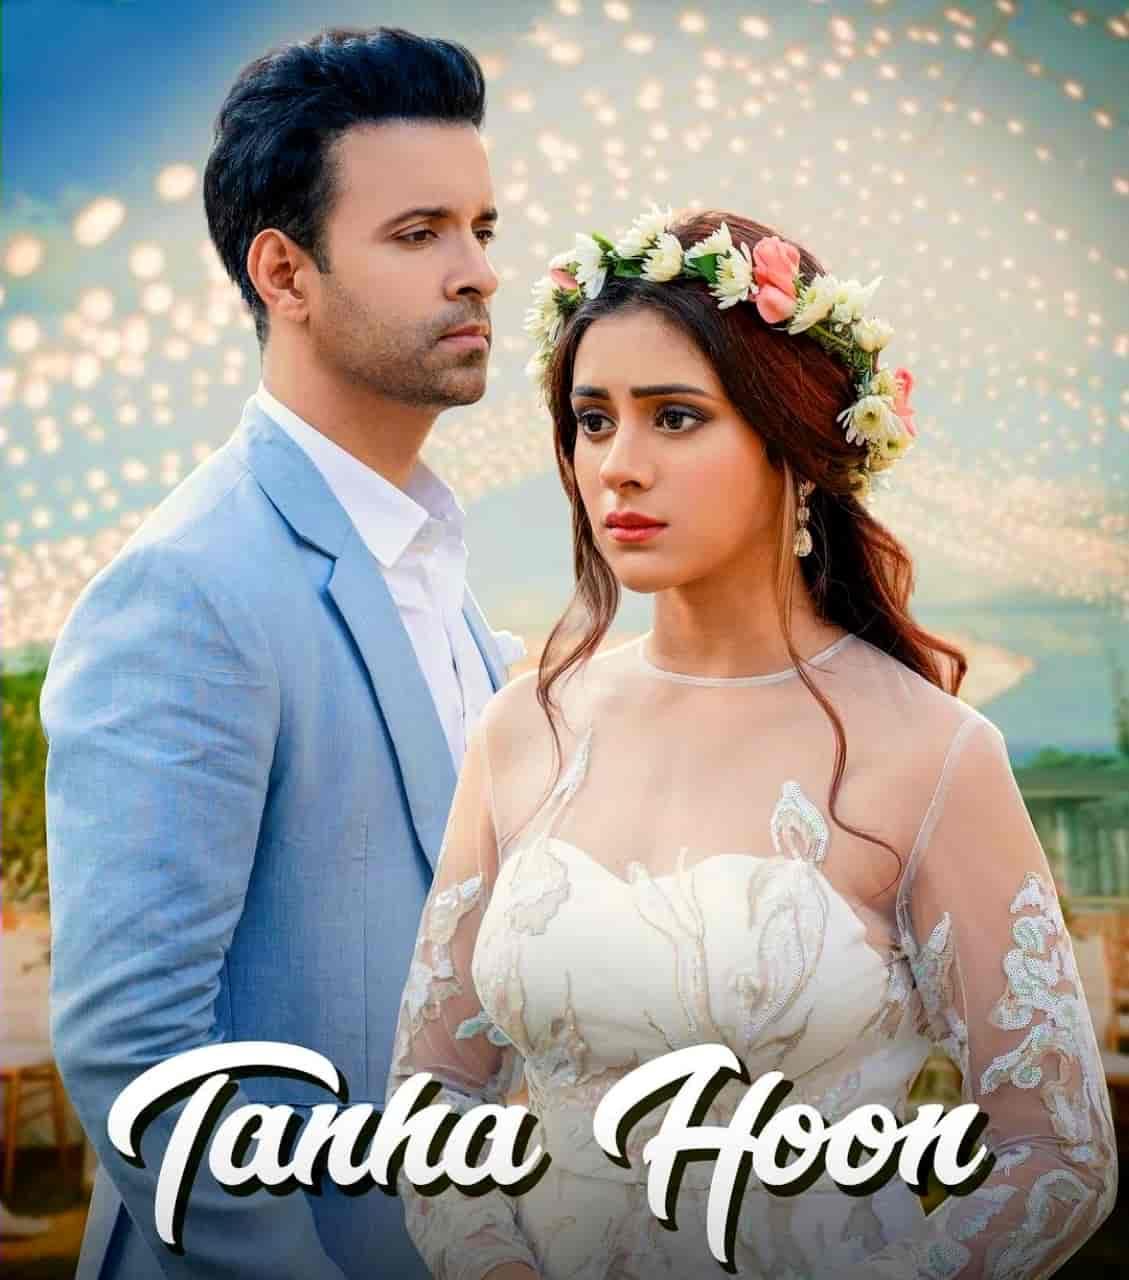 Tanha Hoon Hindi Song Image Features Aamir Ali And Hiba Nawab